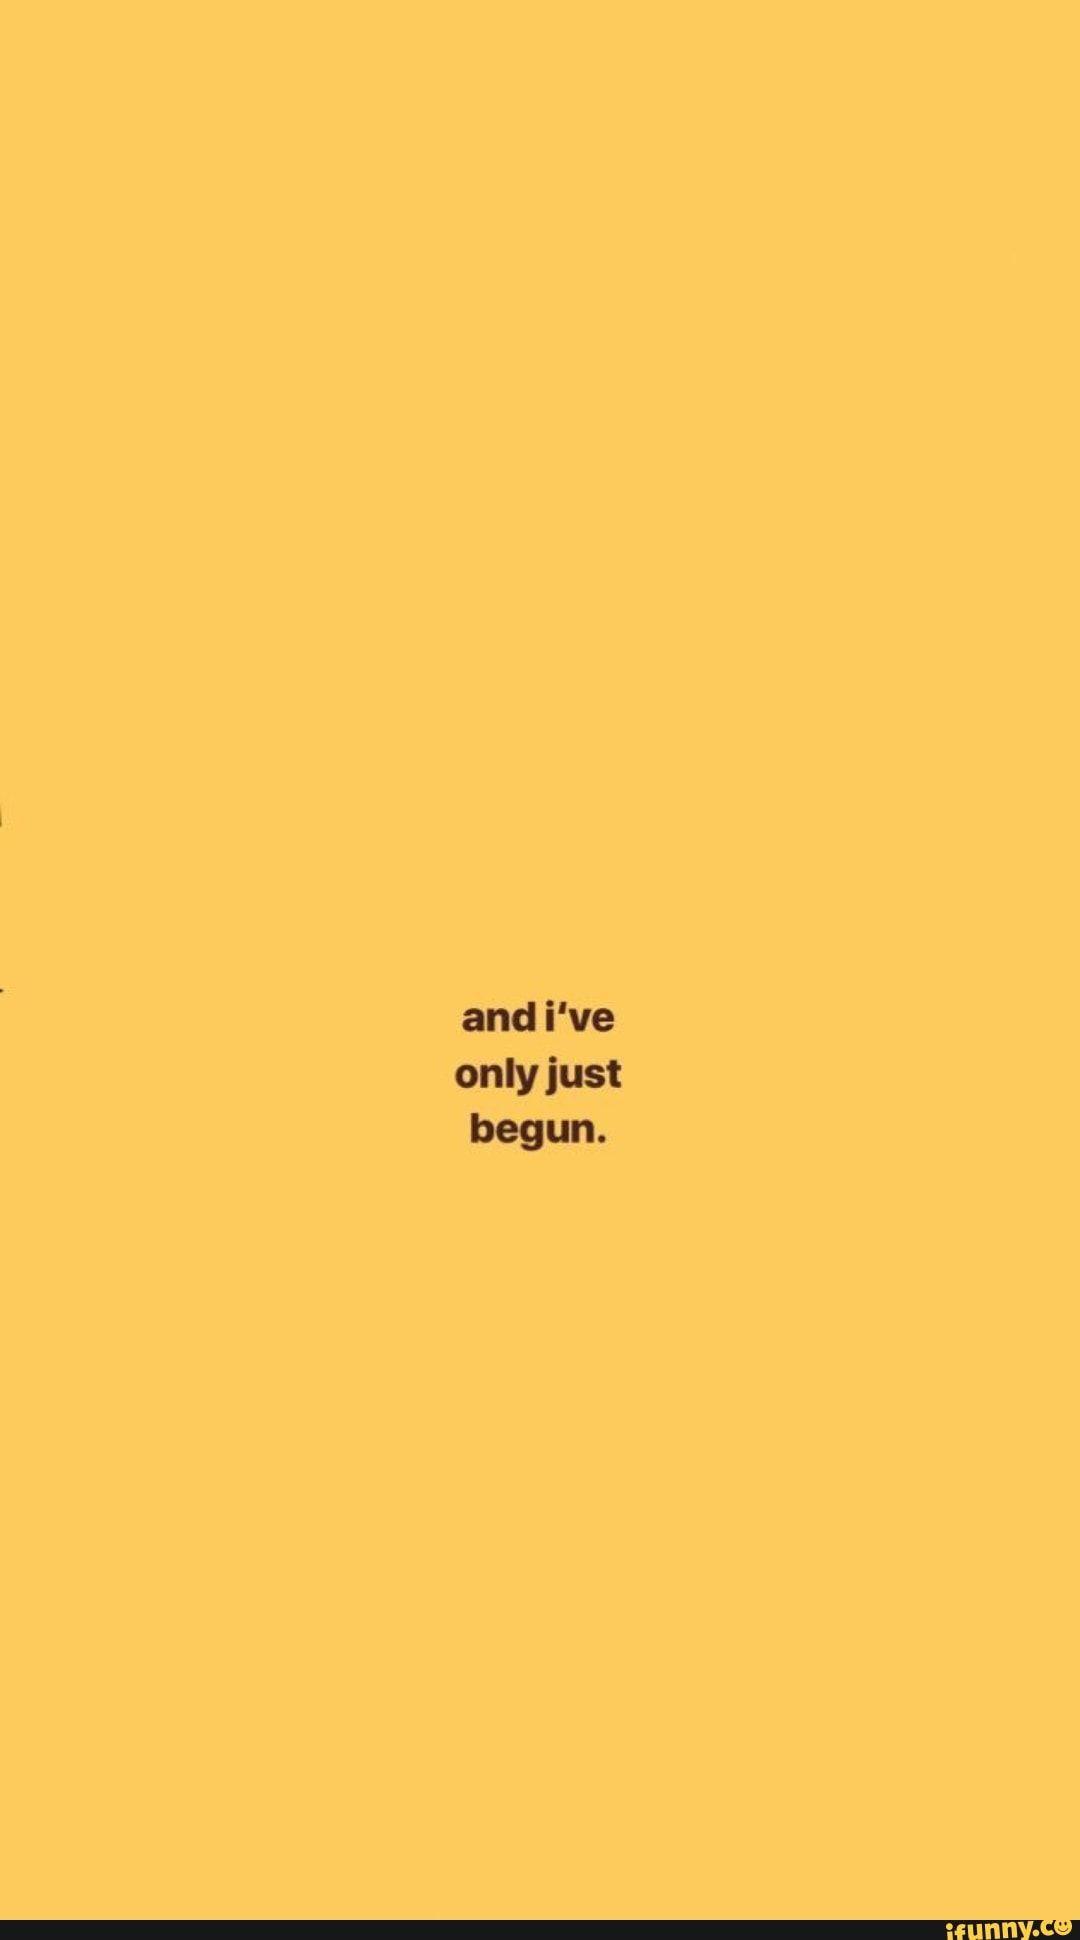 Wallpaper Aesthetic Short Cute Quotes Novocom Top